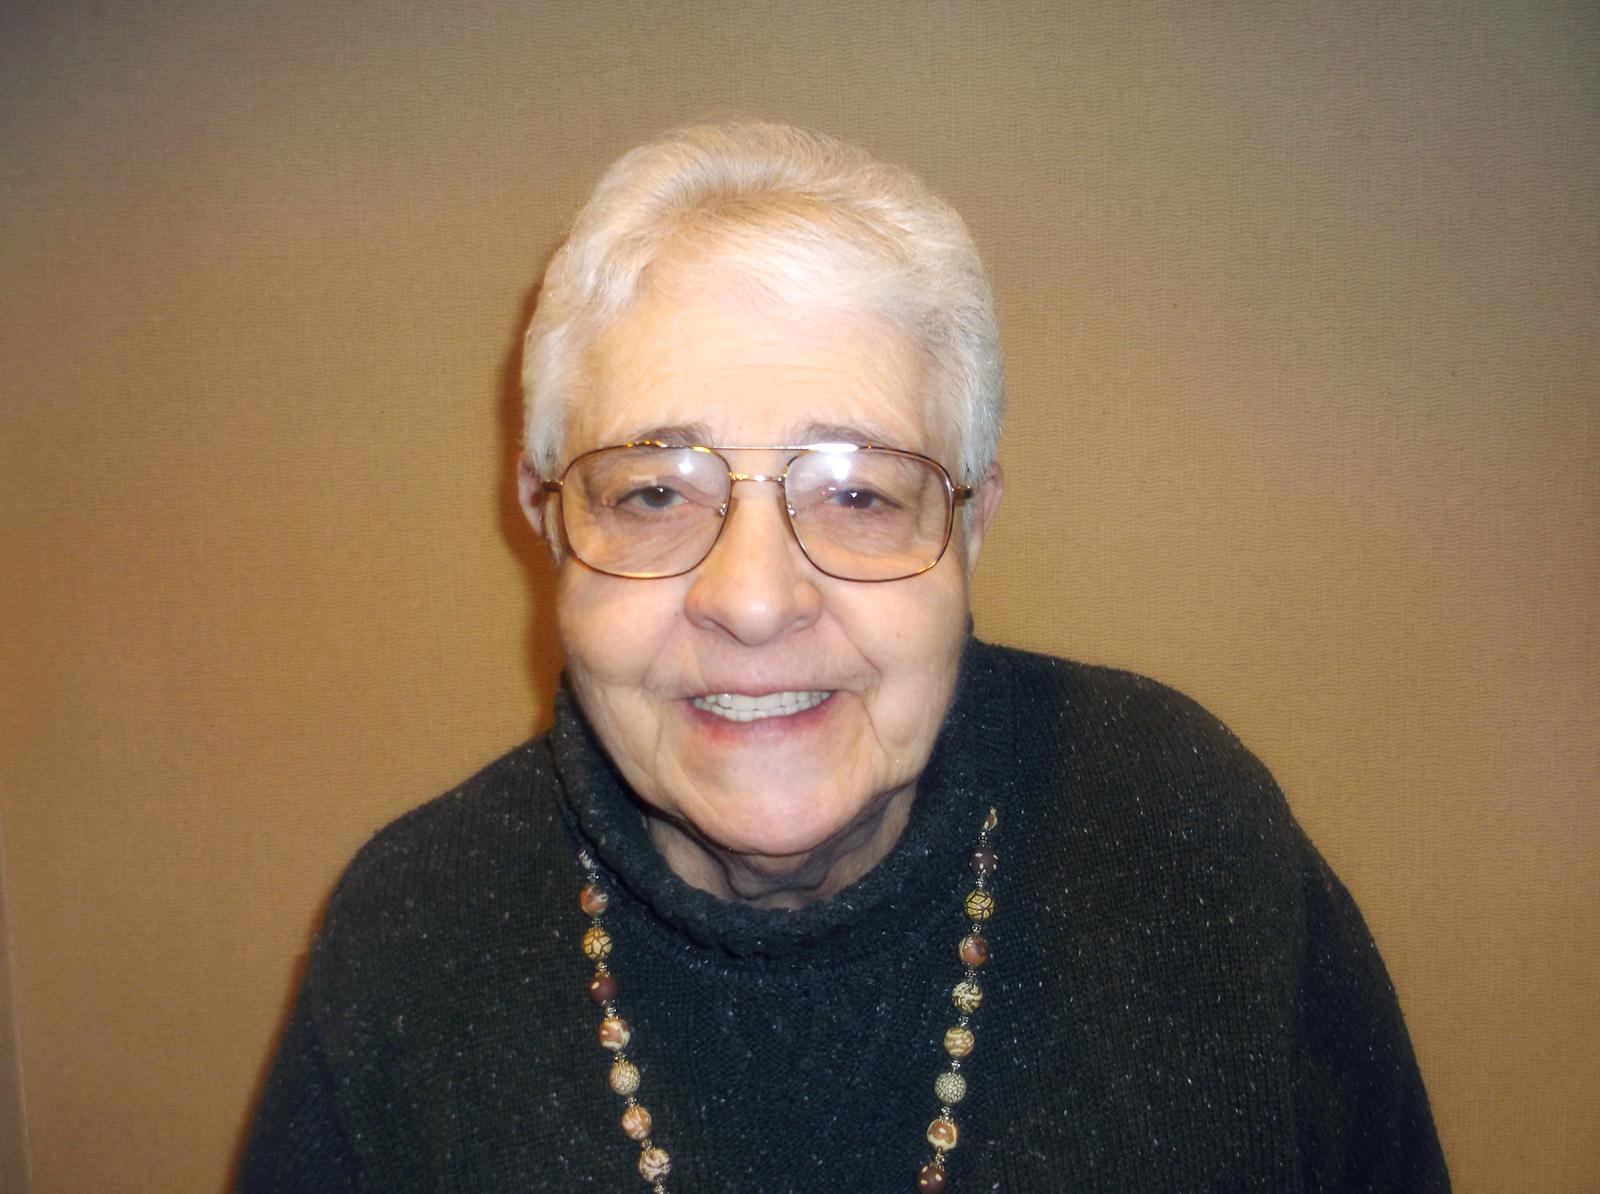 Rita Behre